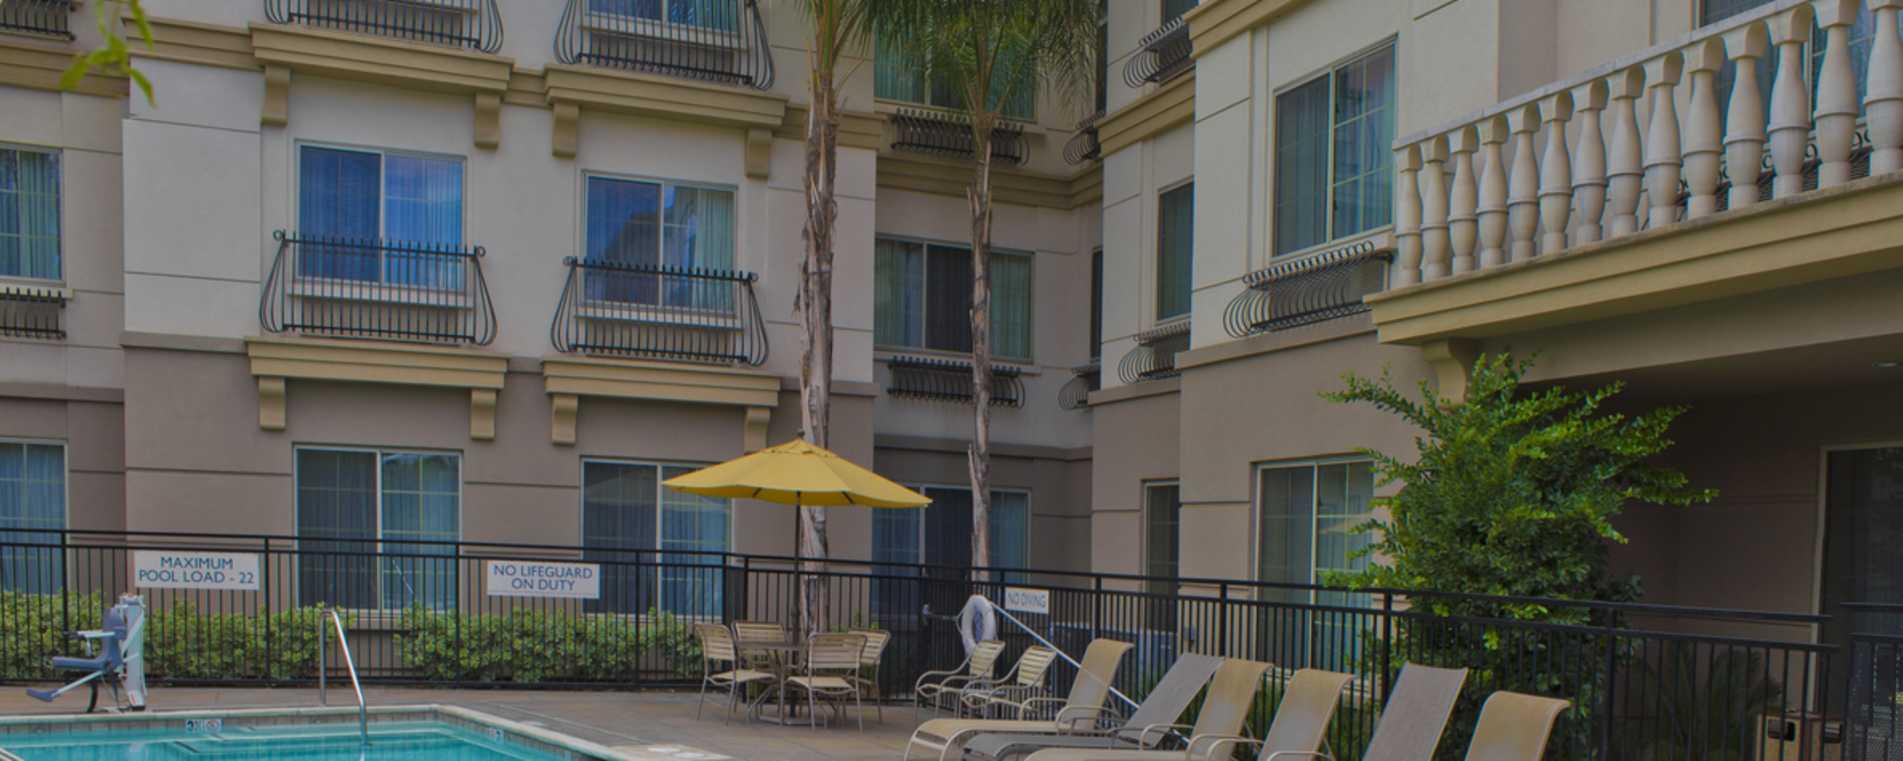 Pool Area - Fairfield Inn & Suites Temecula